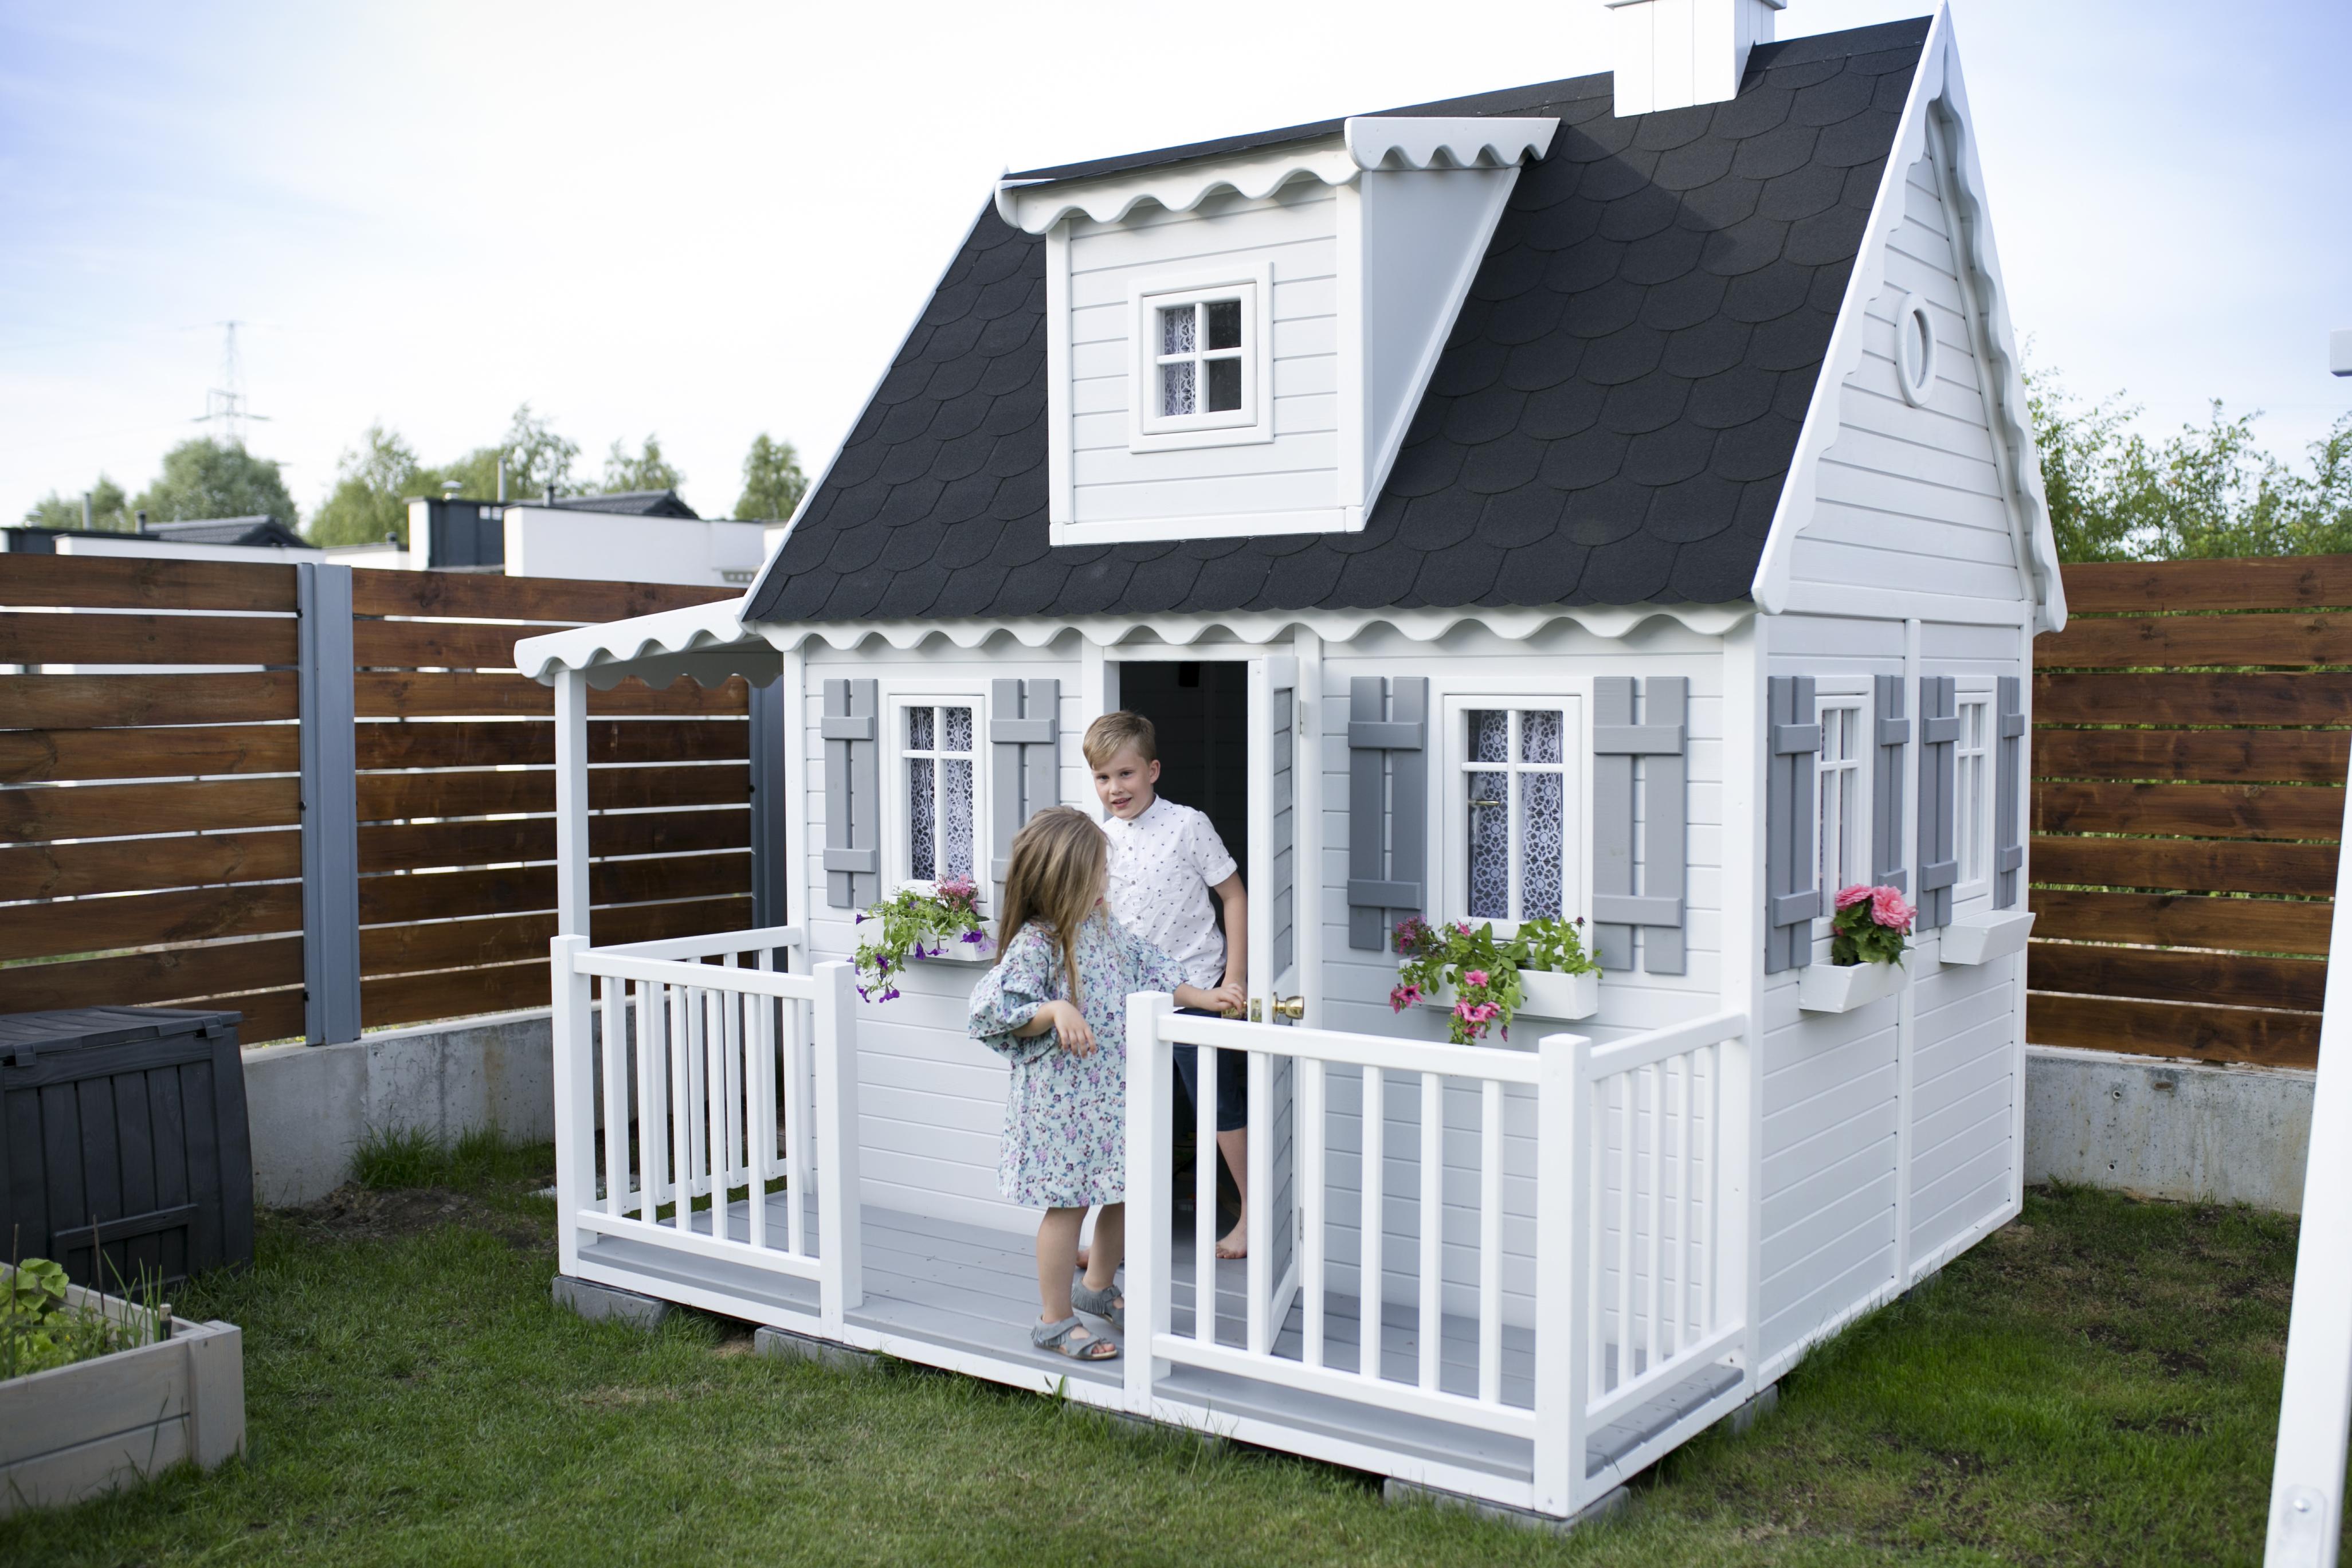 domek drewniany, domek ogrodowy dla dzieci